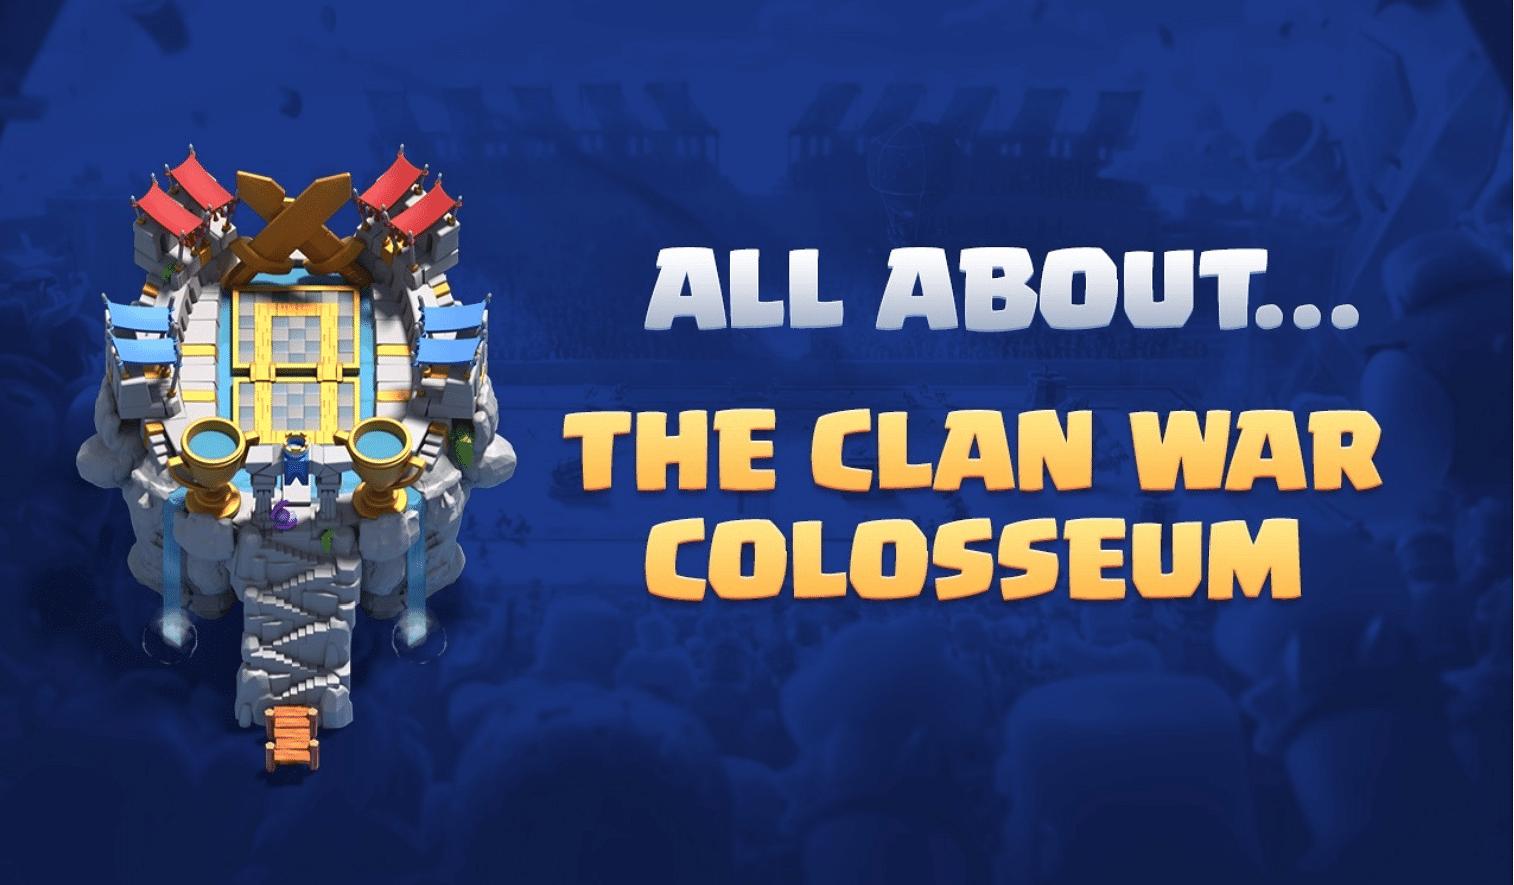 Clan War Colosseum